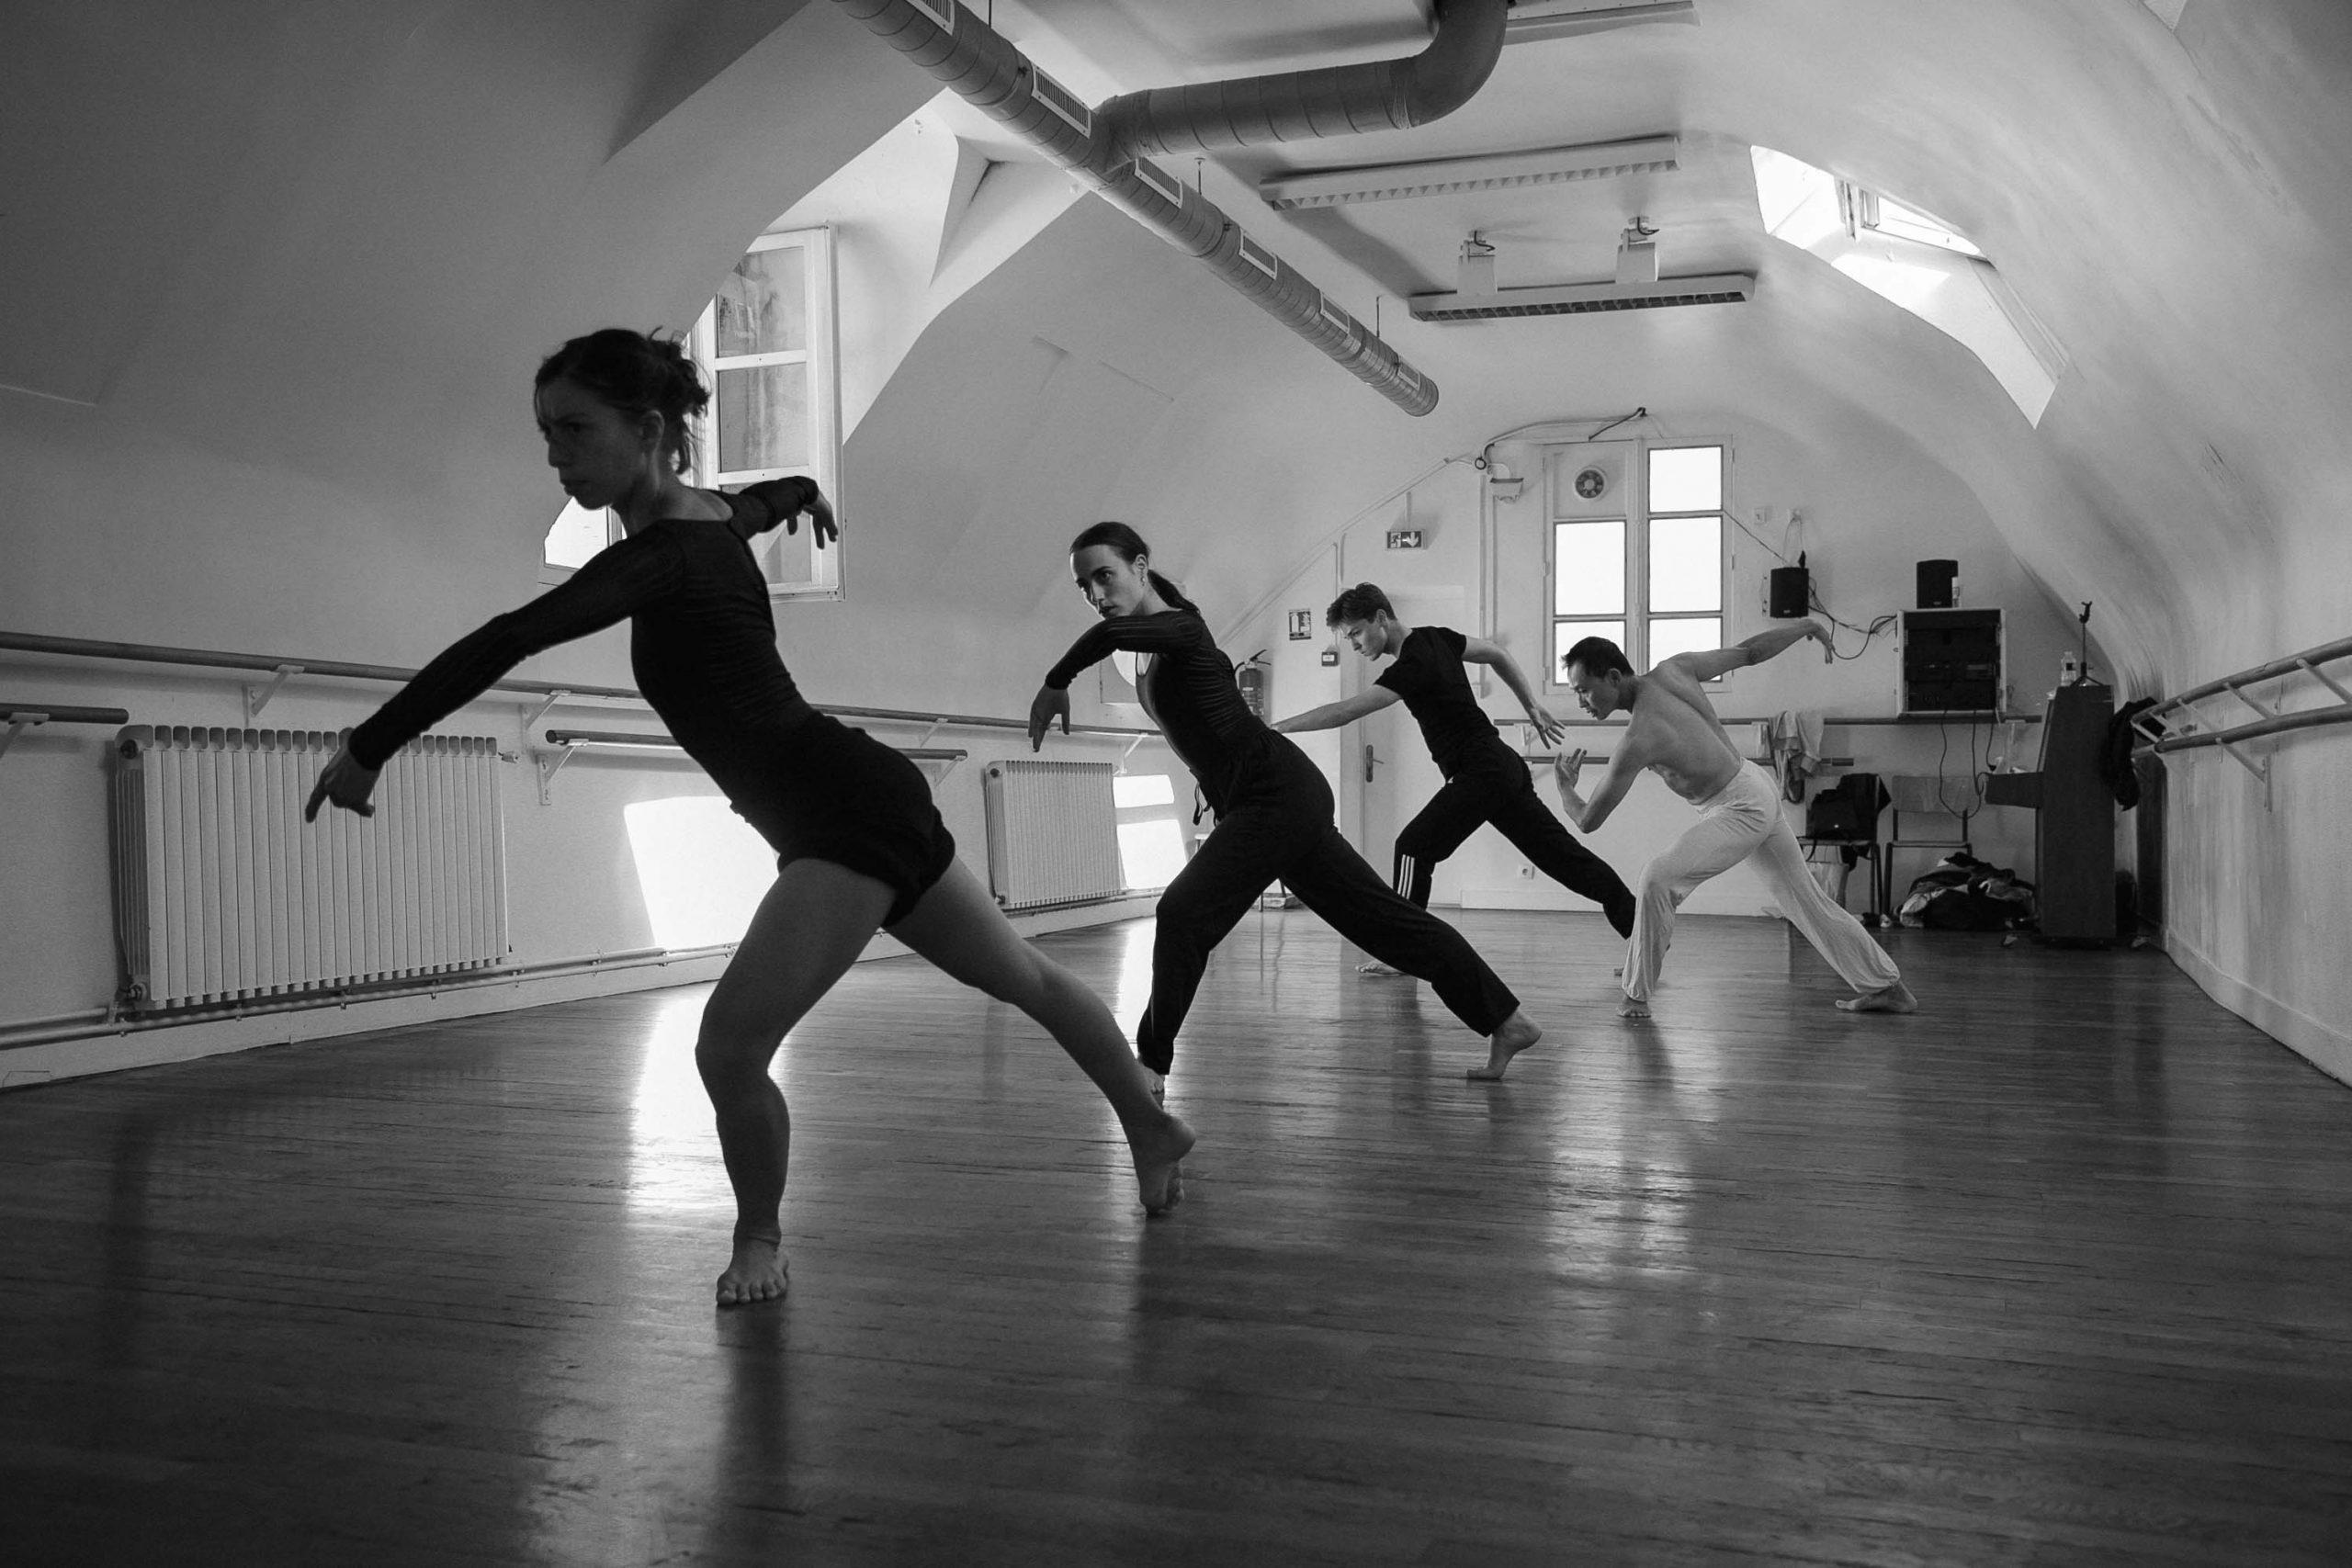 photographe danseur Paris Robin Fabre